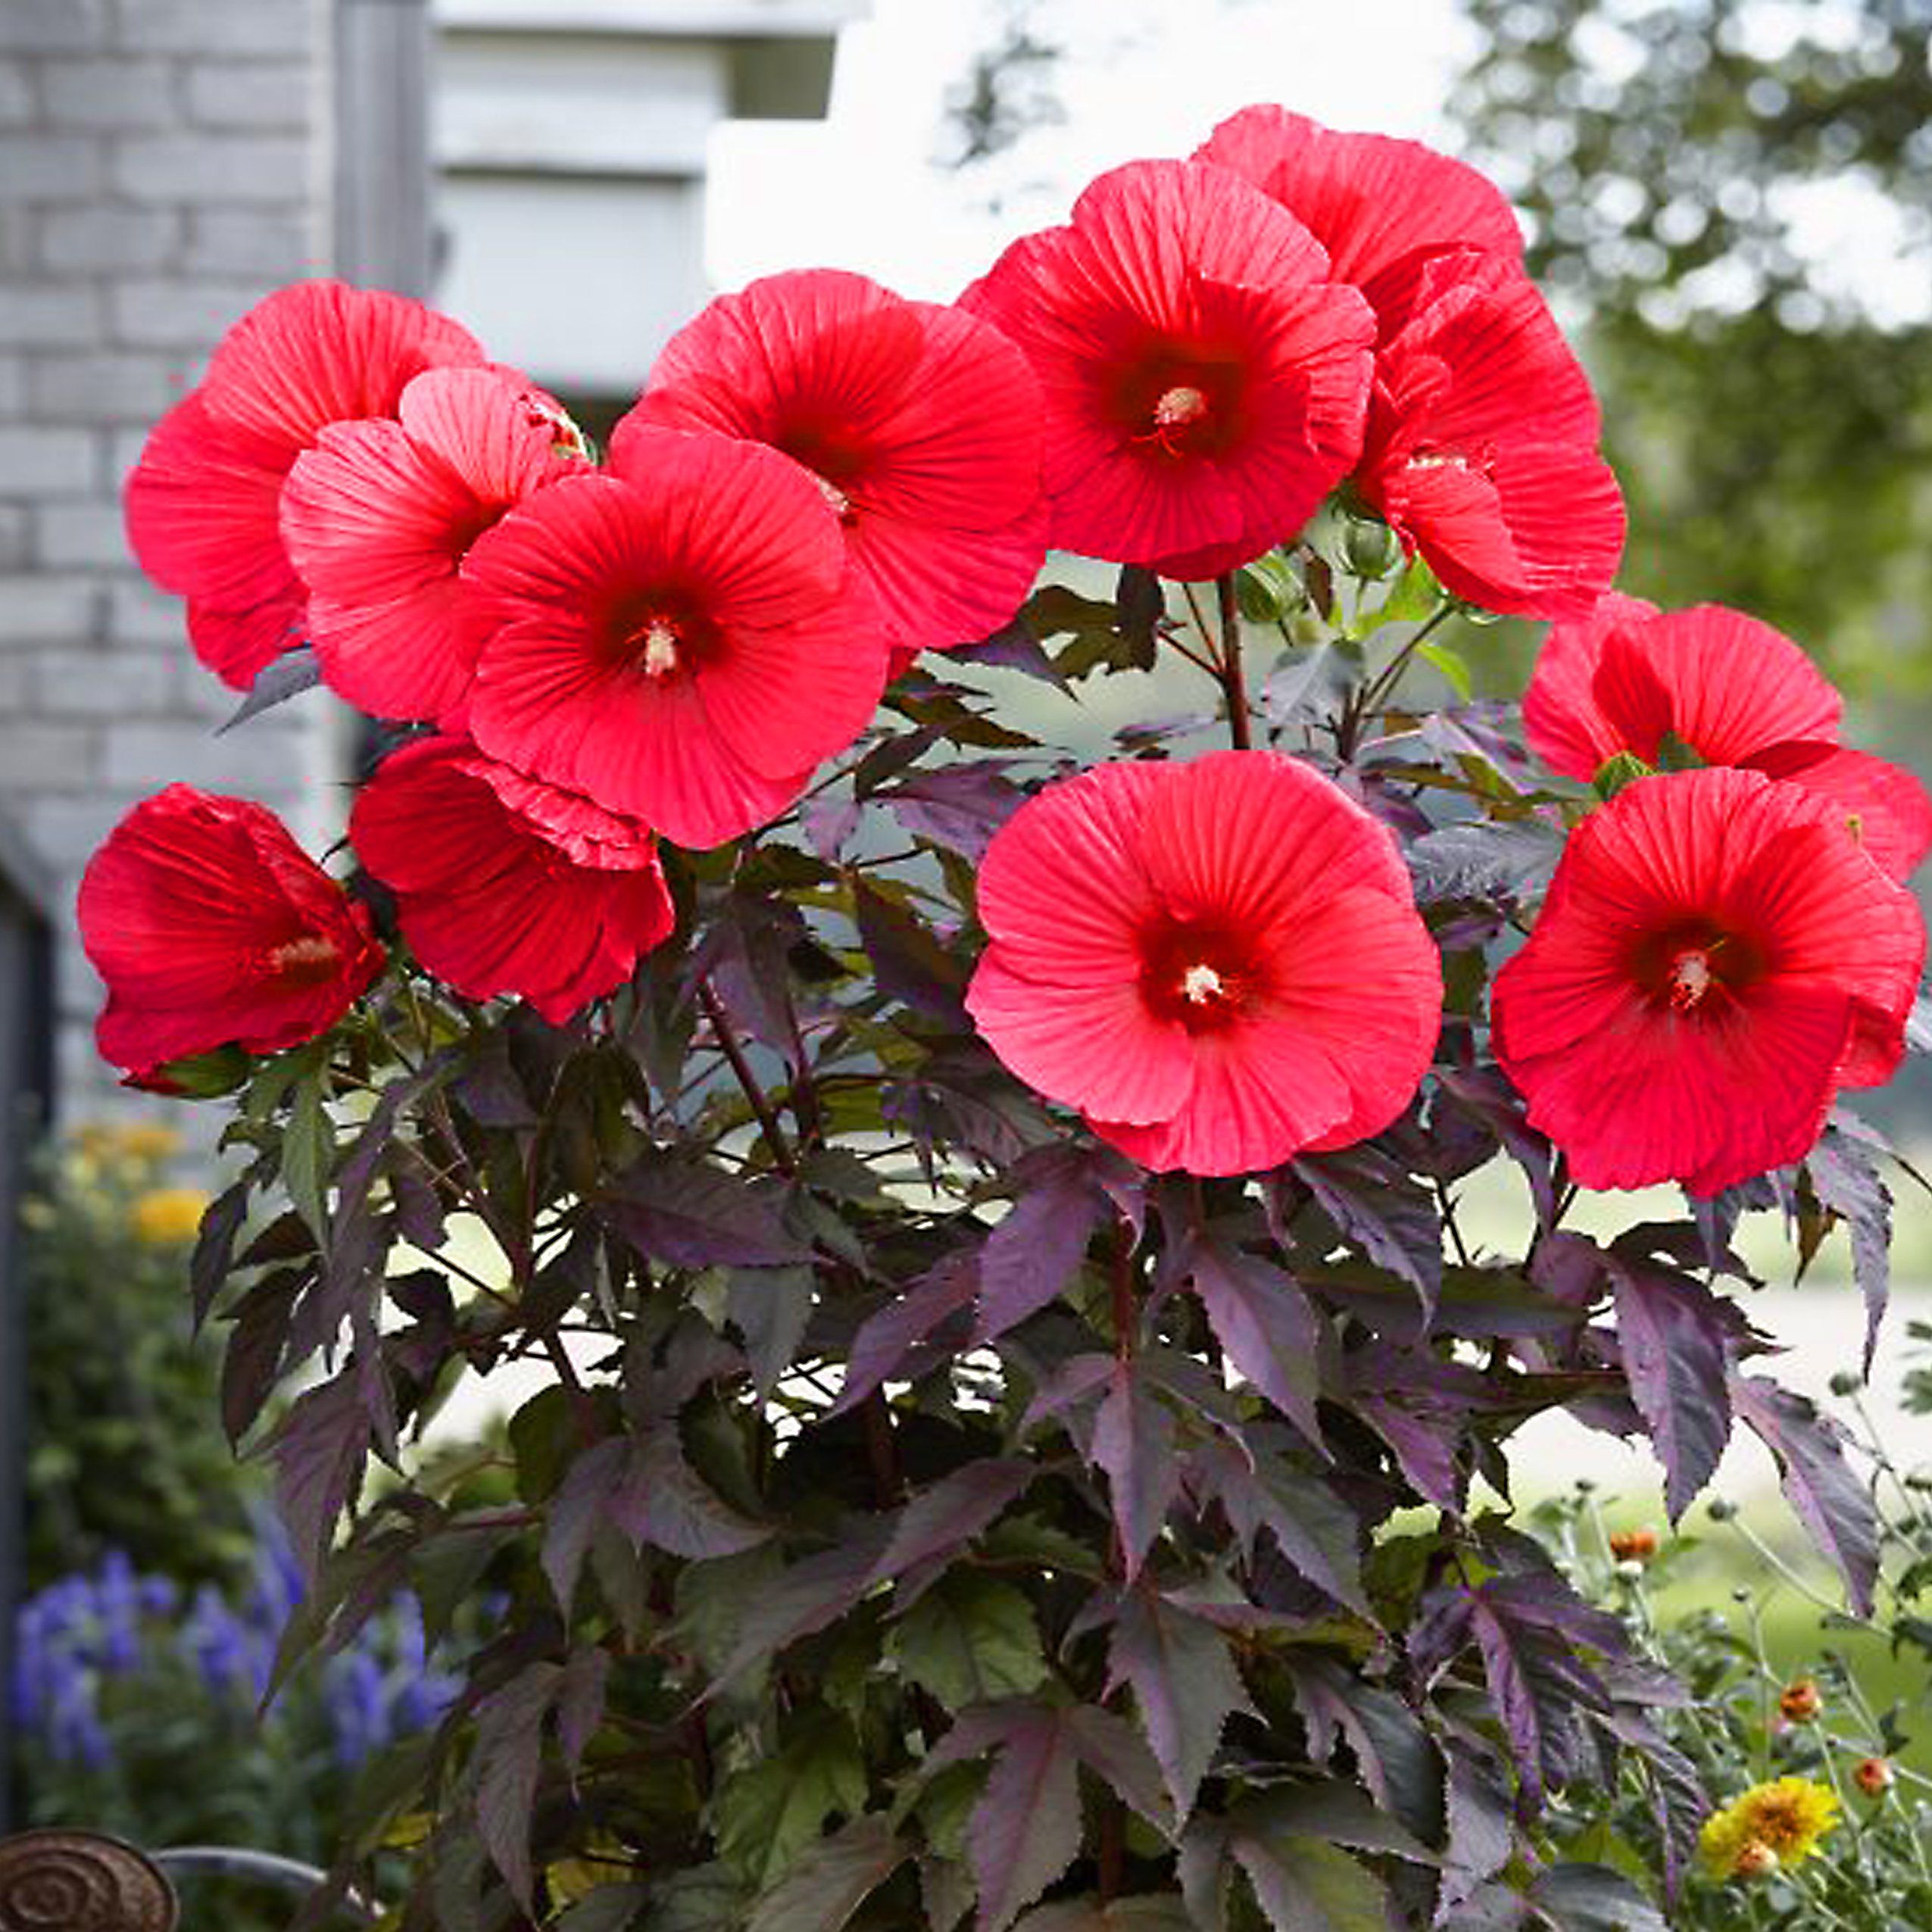 Kup Teraz Na Allegro Pl Za 20 Zl Hibiskus Meksykanski Mrozoodporny Kwiat Gigant Mix 7531924984 Allegro Pl Radosc Zakupow I Bezpiecz Kwiat Flowers Plants